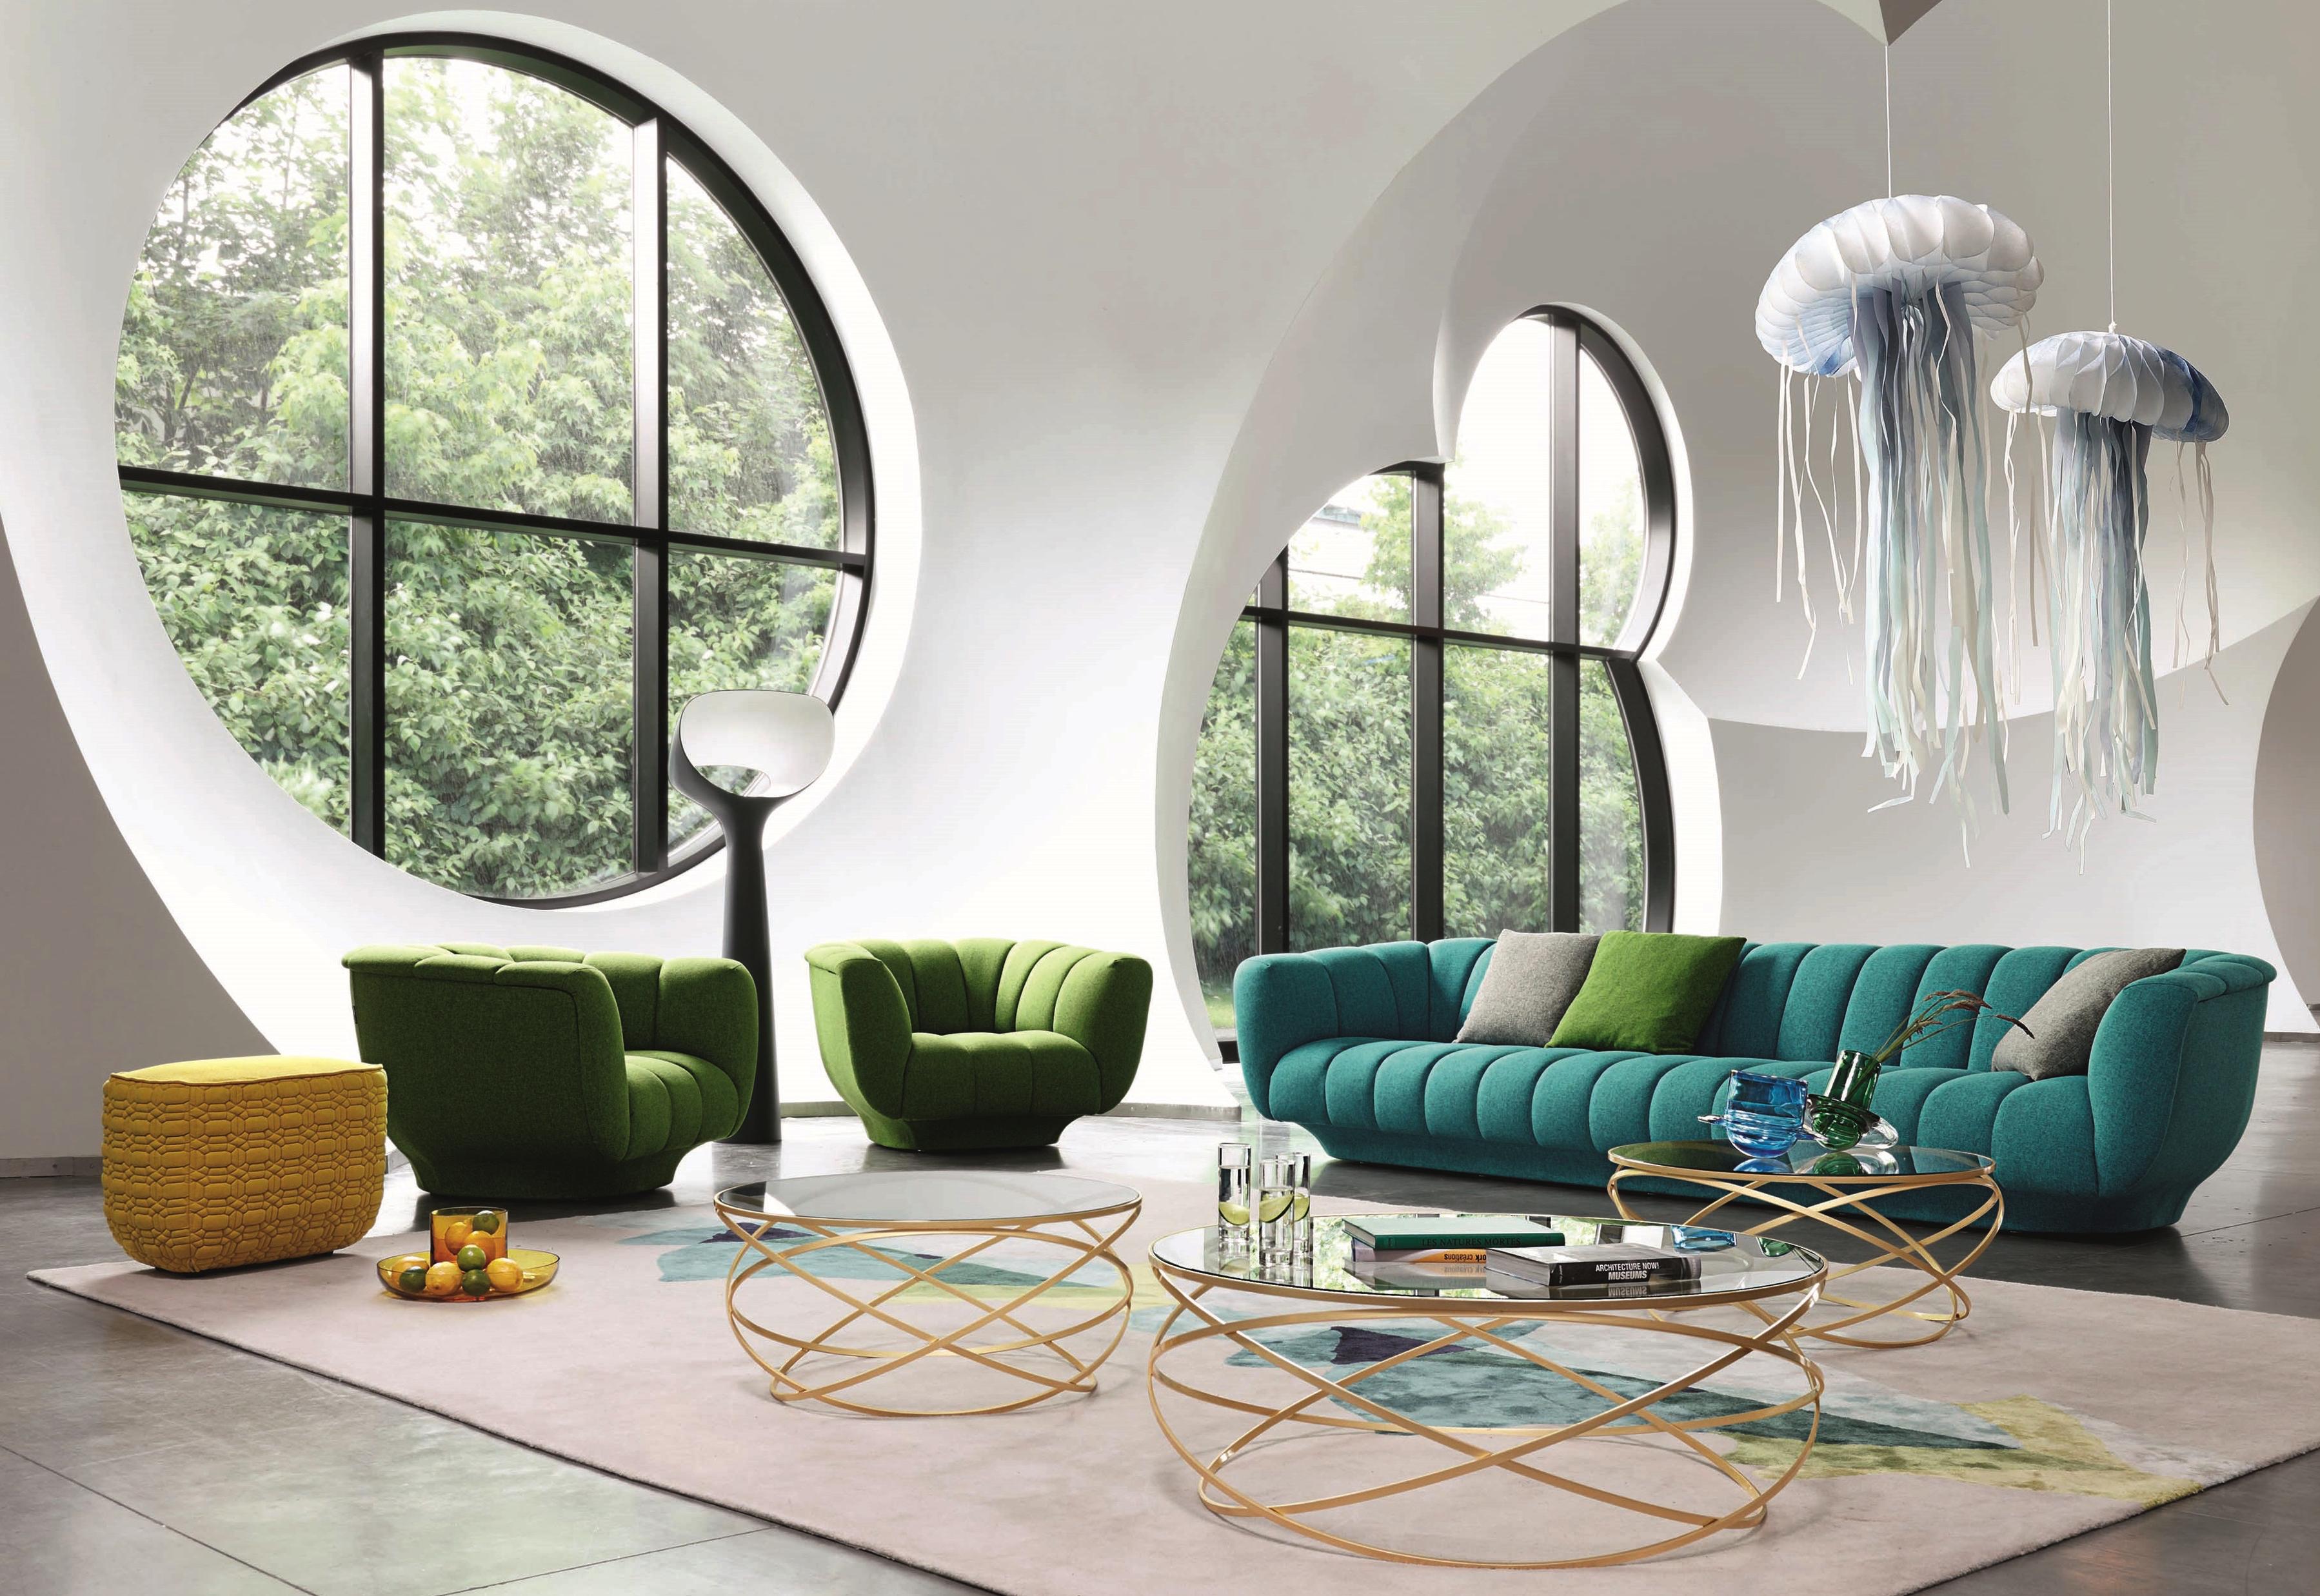 Hotel Lounge By Roche Bobois En 2020 Agencement Du Mobilier Mobilier De Salon Mobilier Design